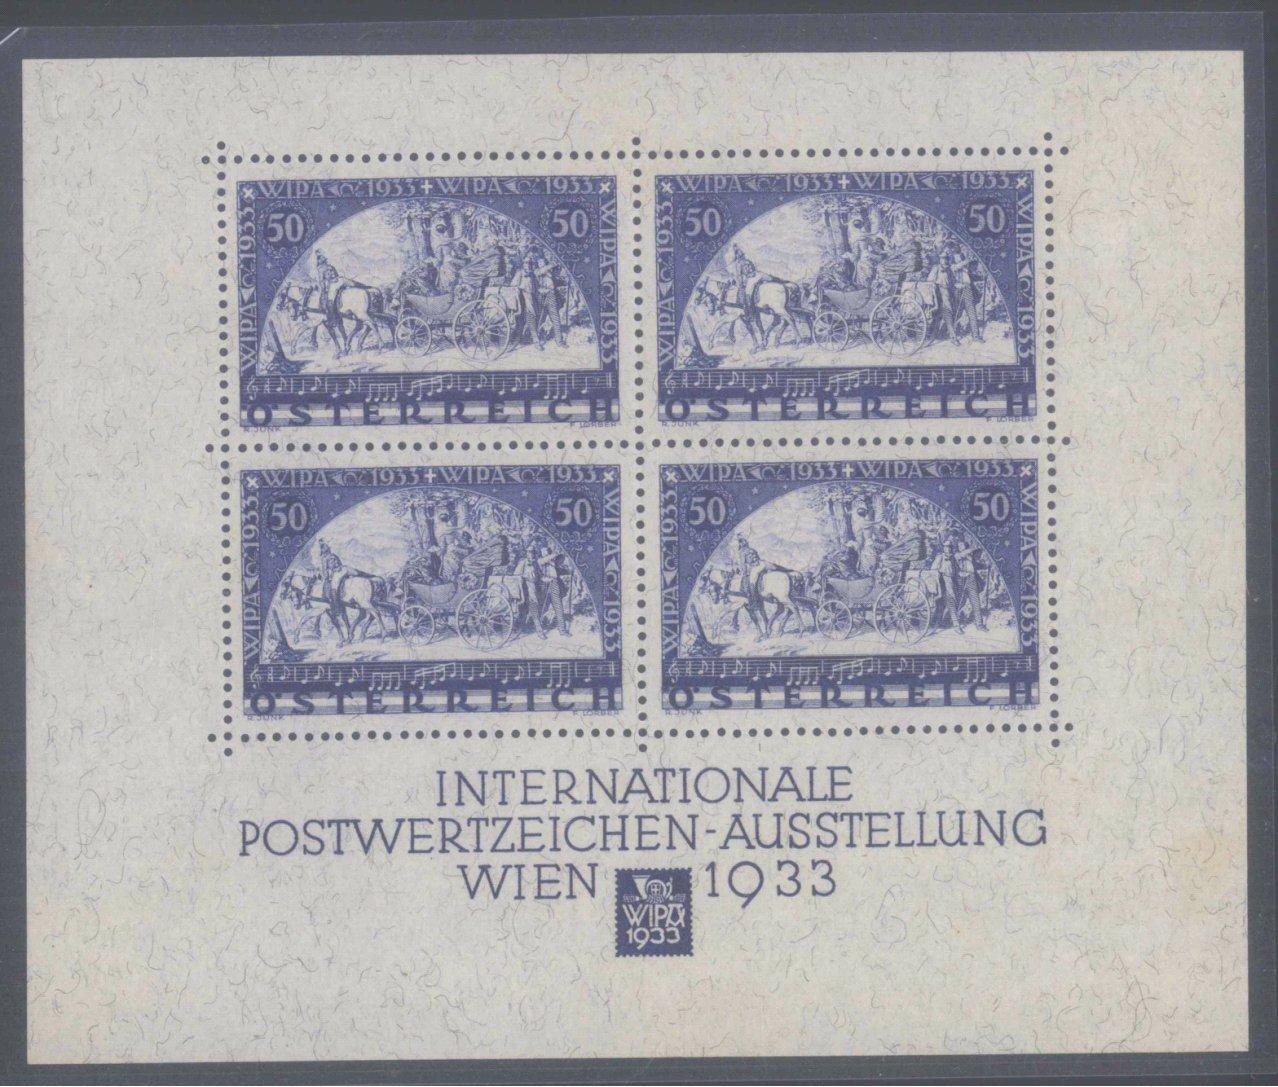 ÖSTERREICH 1933, WIPA – BLOCK, Faserpapier